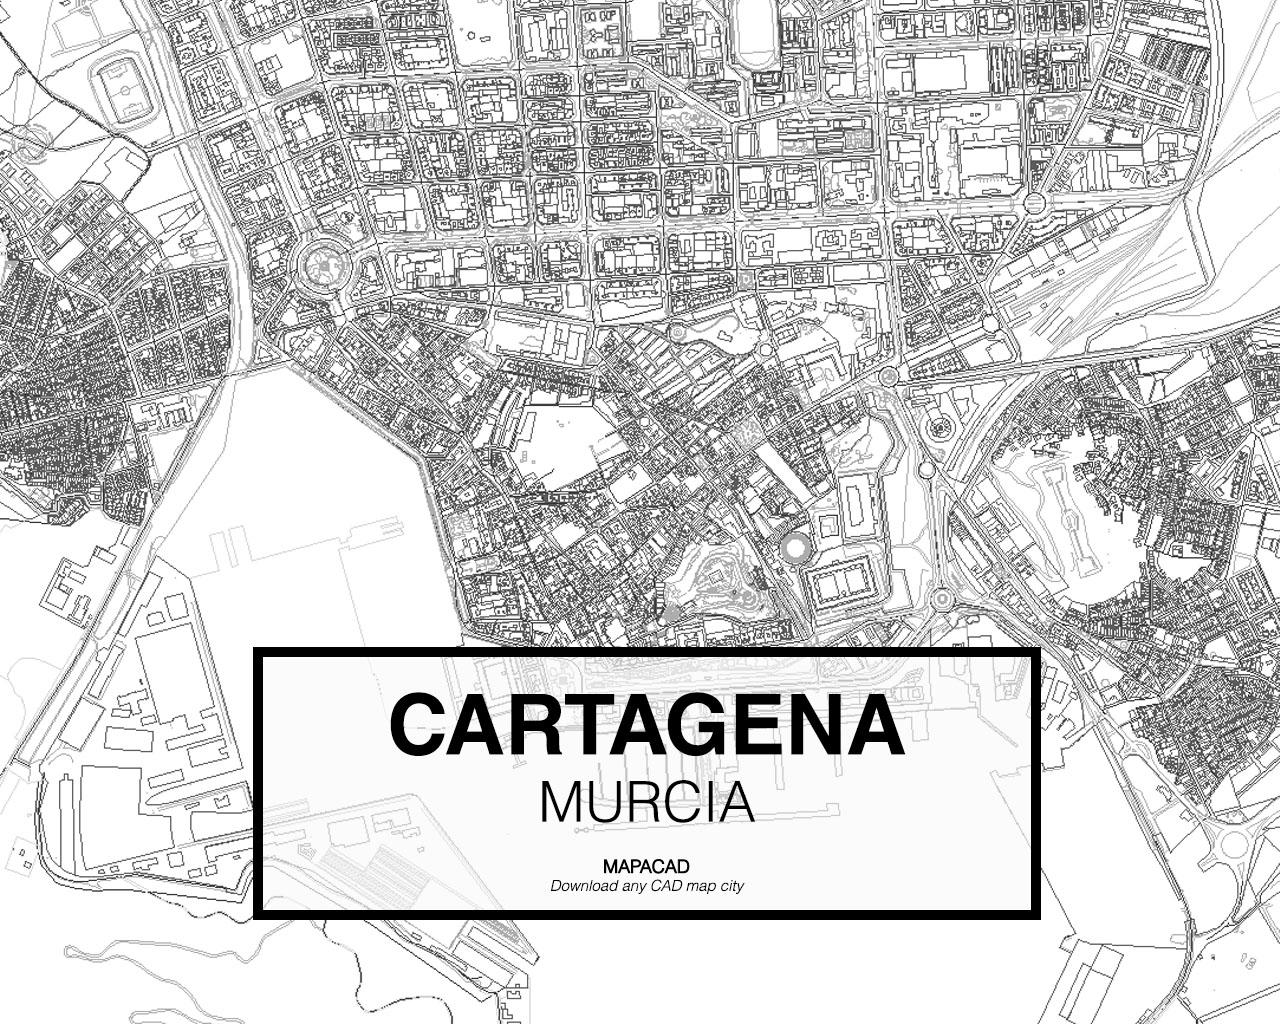 Mapa De Cartagena Murcia.Cartagena